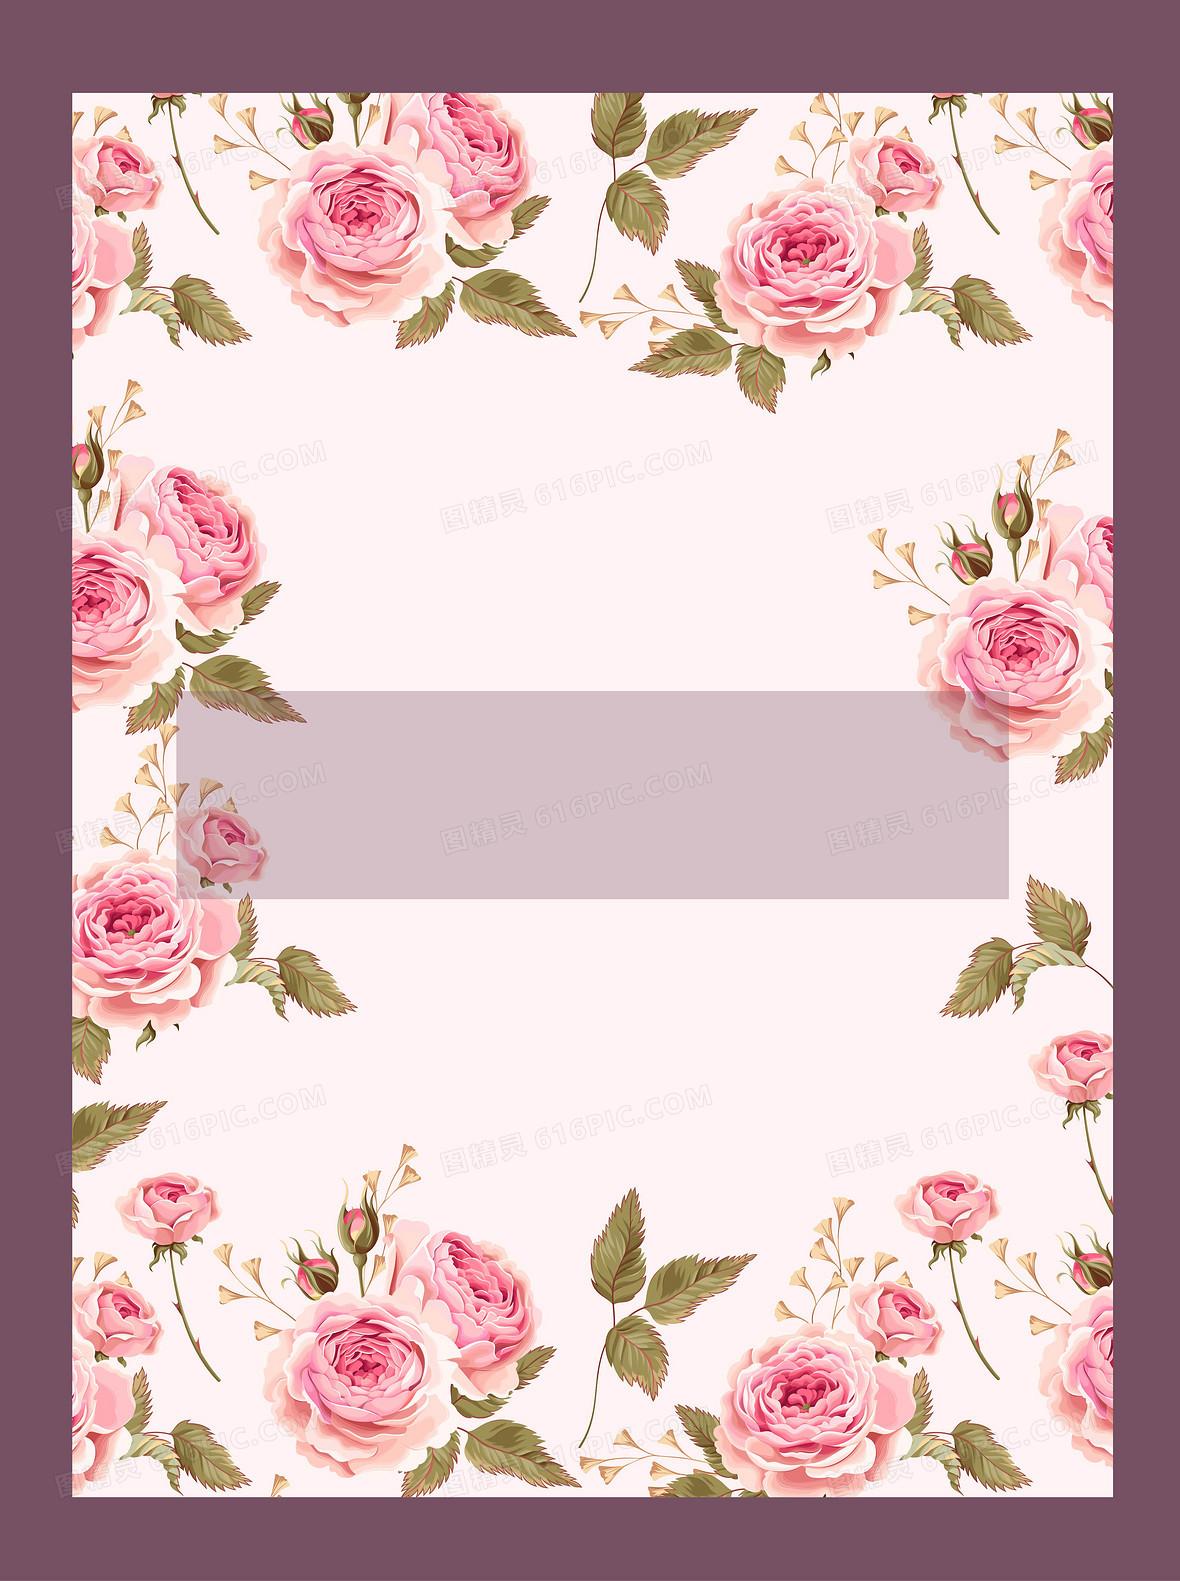 矢量水彩手绘花朵边框婚庆背景